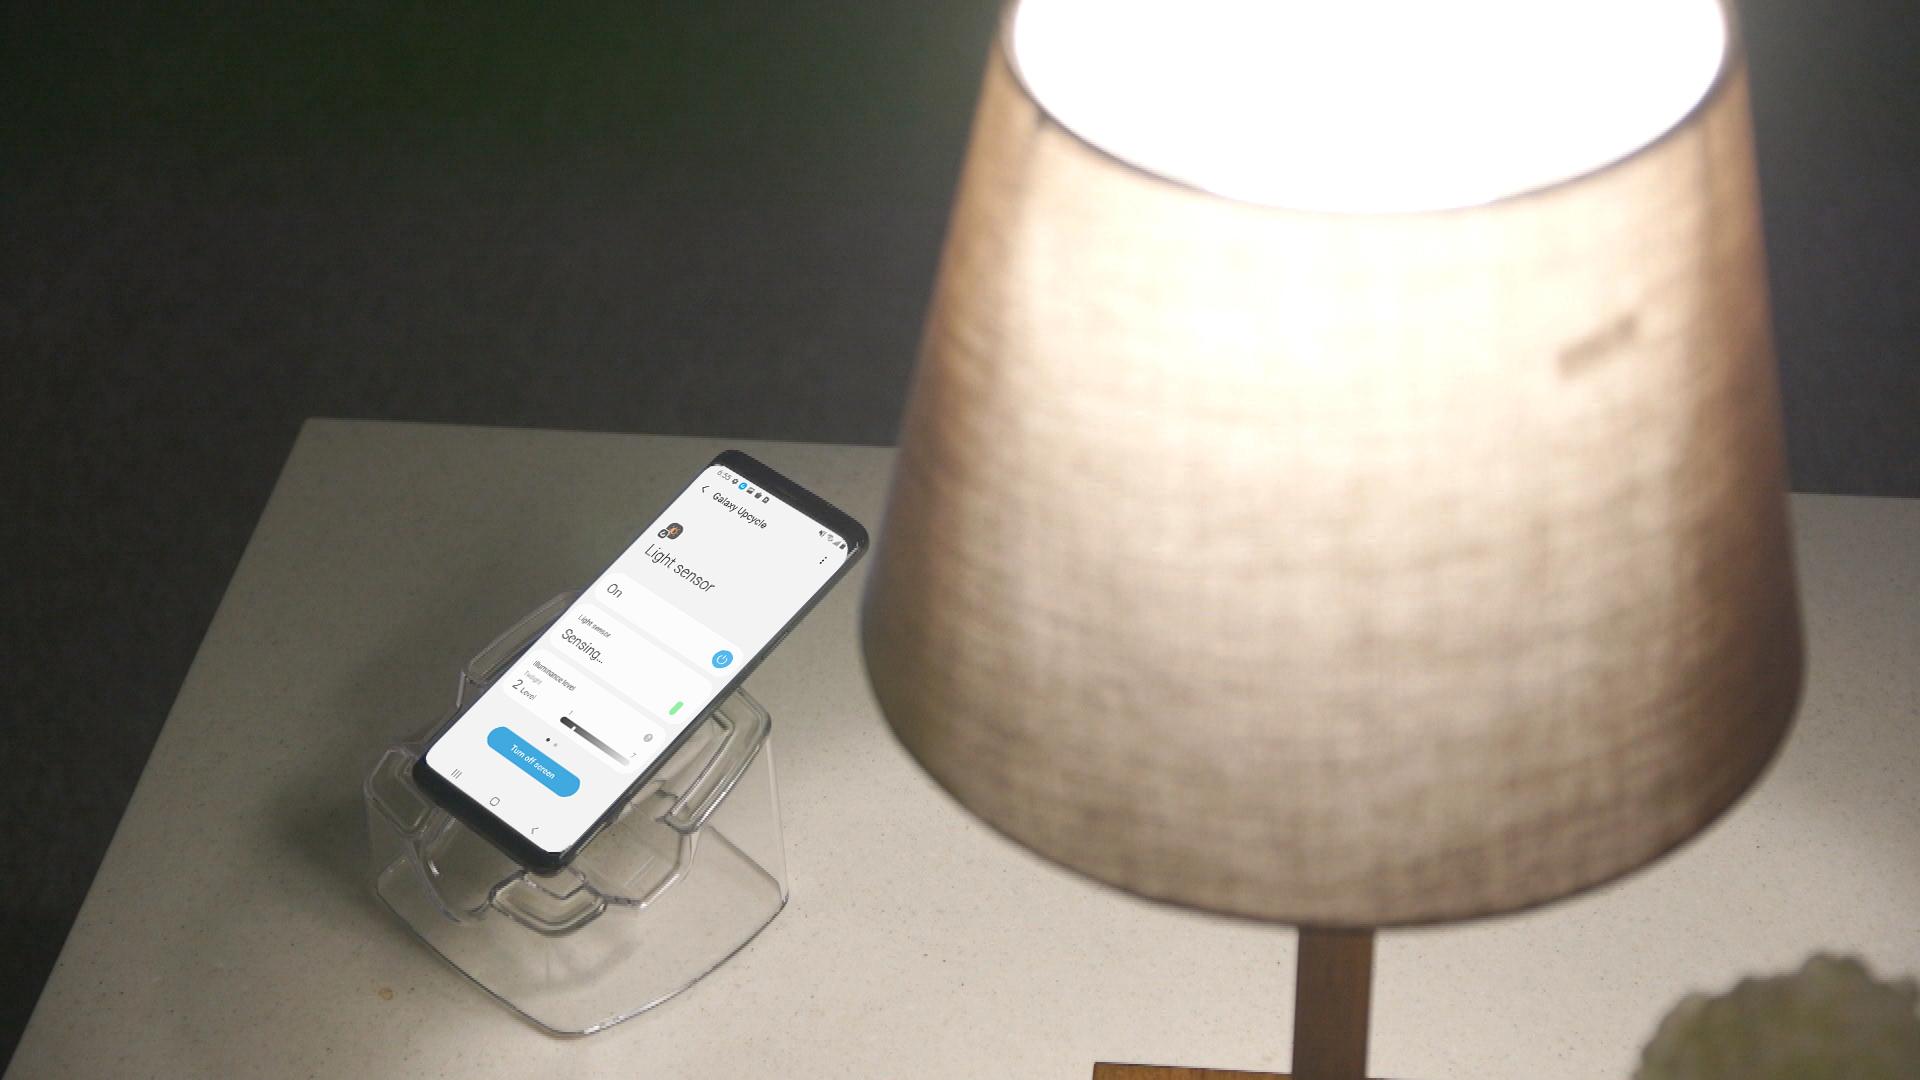 Co zrobić ze starym smartfonem Samsung? Można go zmienić w czujnik smart home!